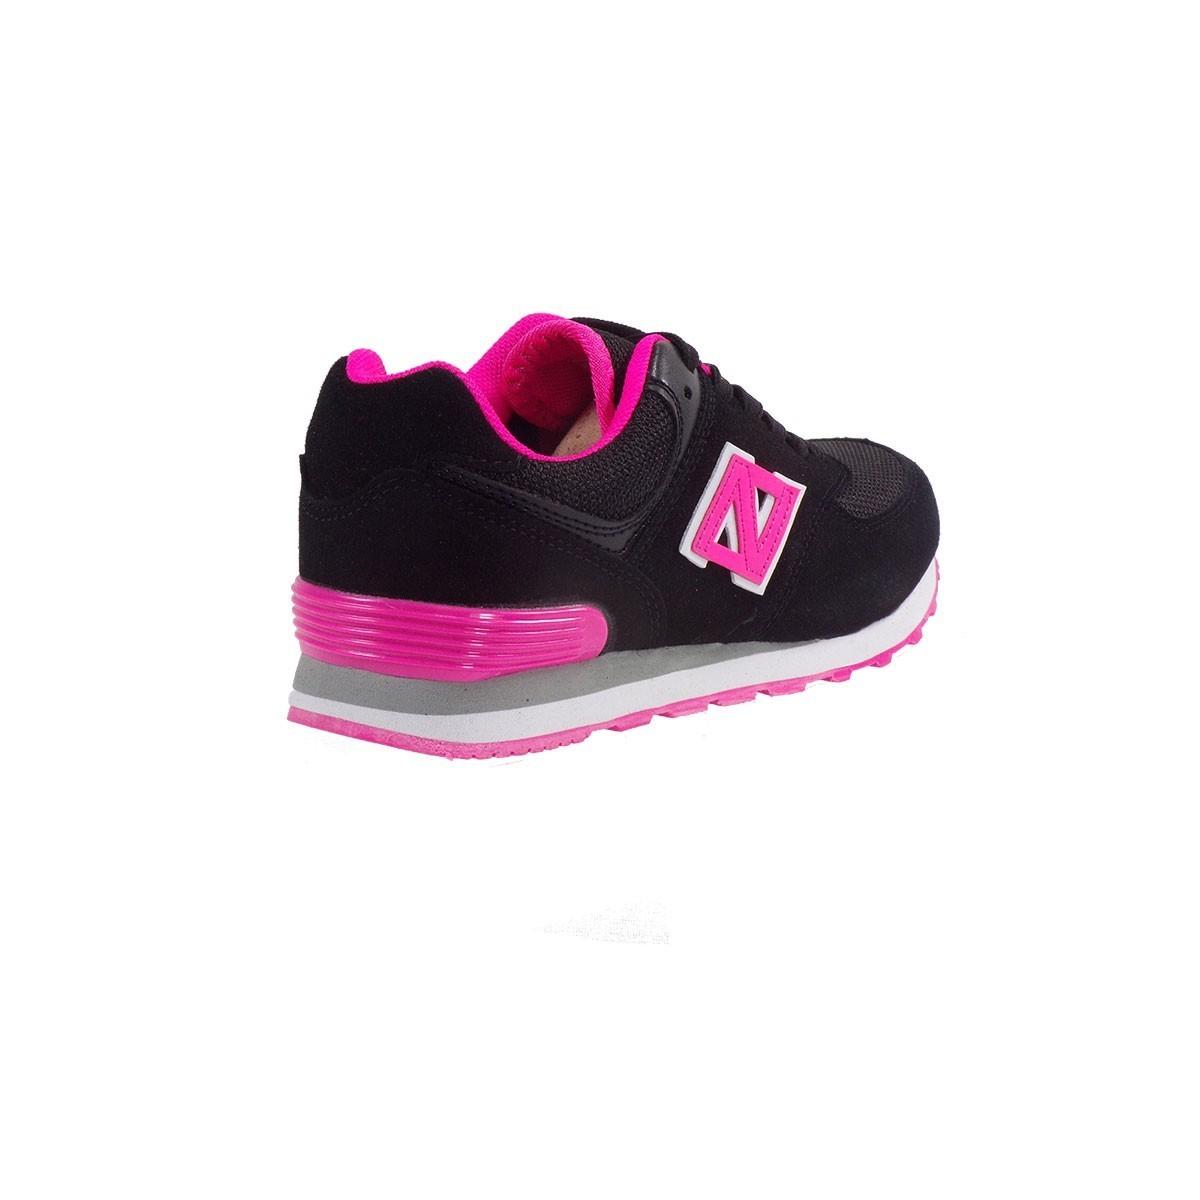 fff55799af33 www.bagiotashoes.gr gynaikeia sneakers l574-6 mayro roz (3)